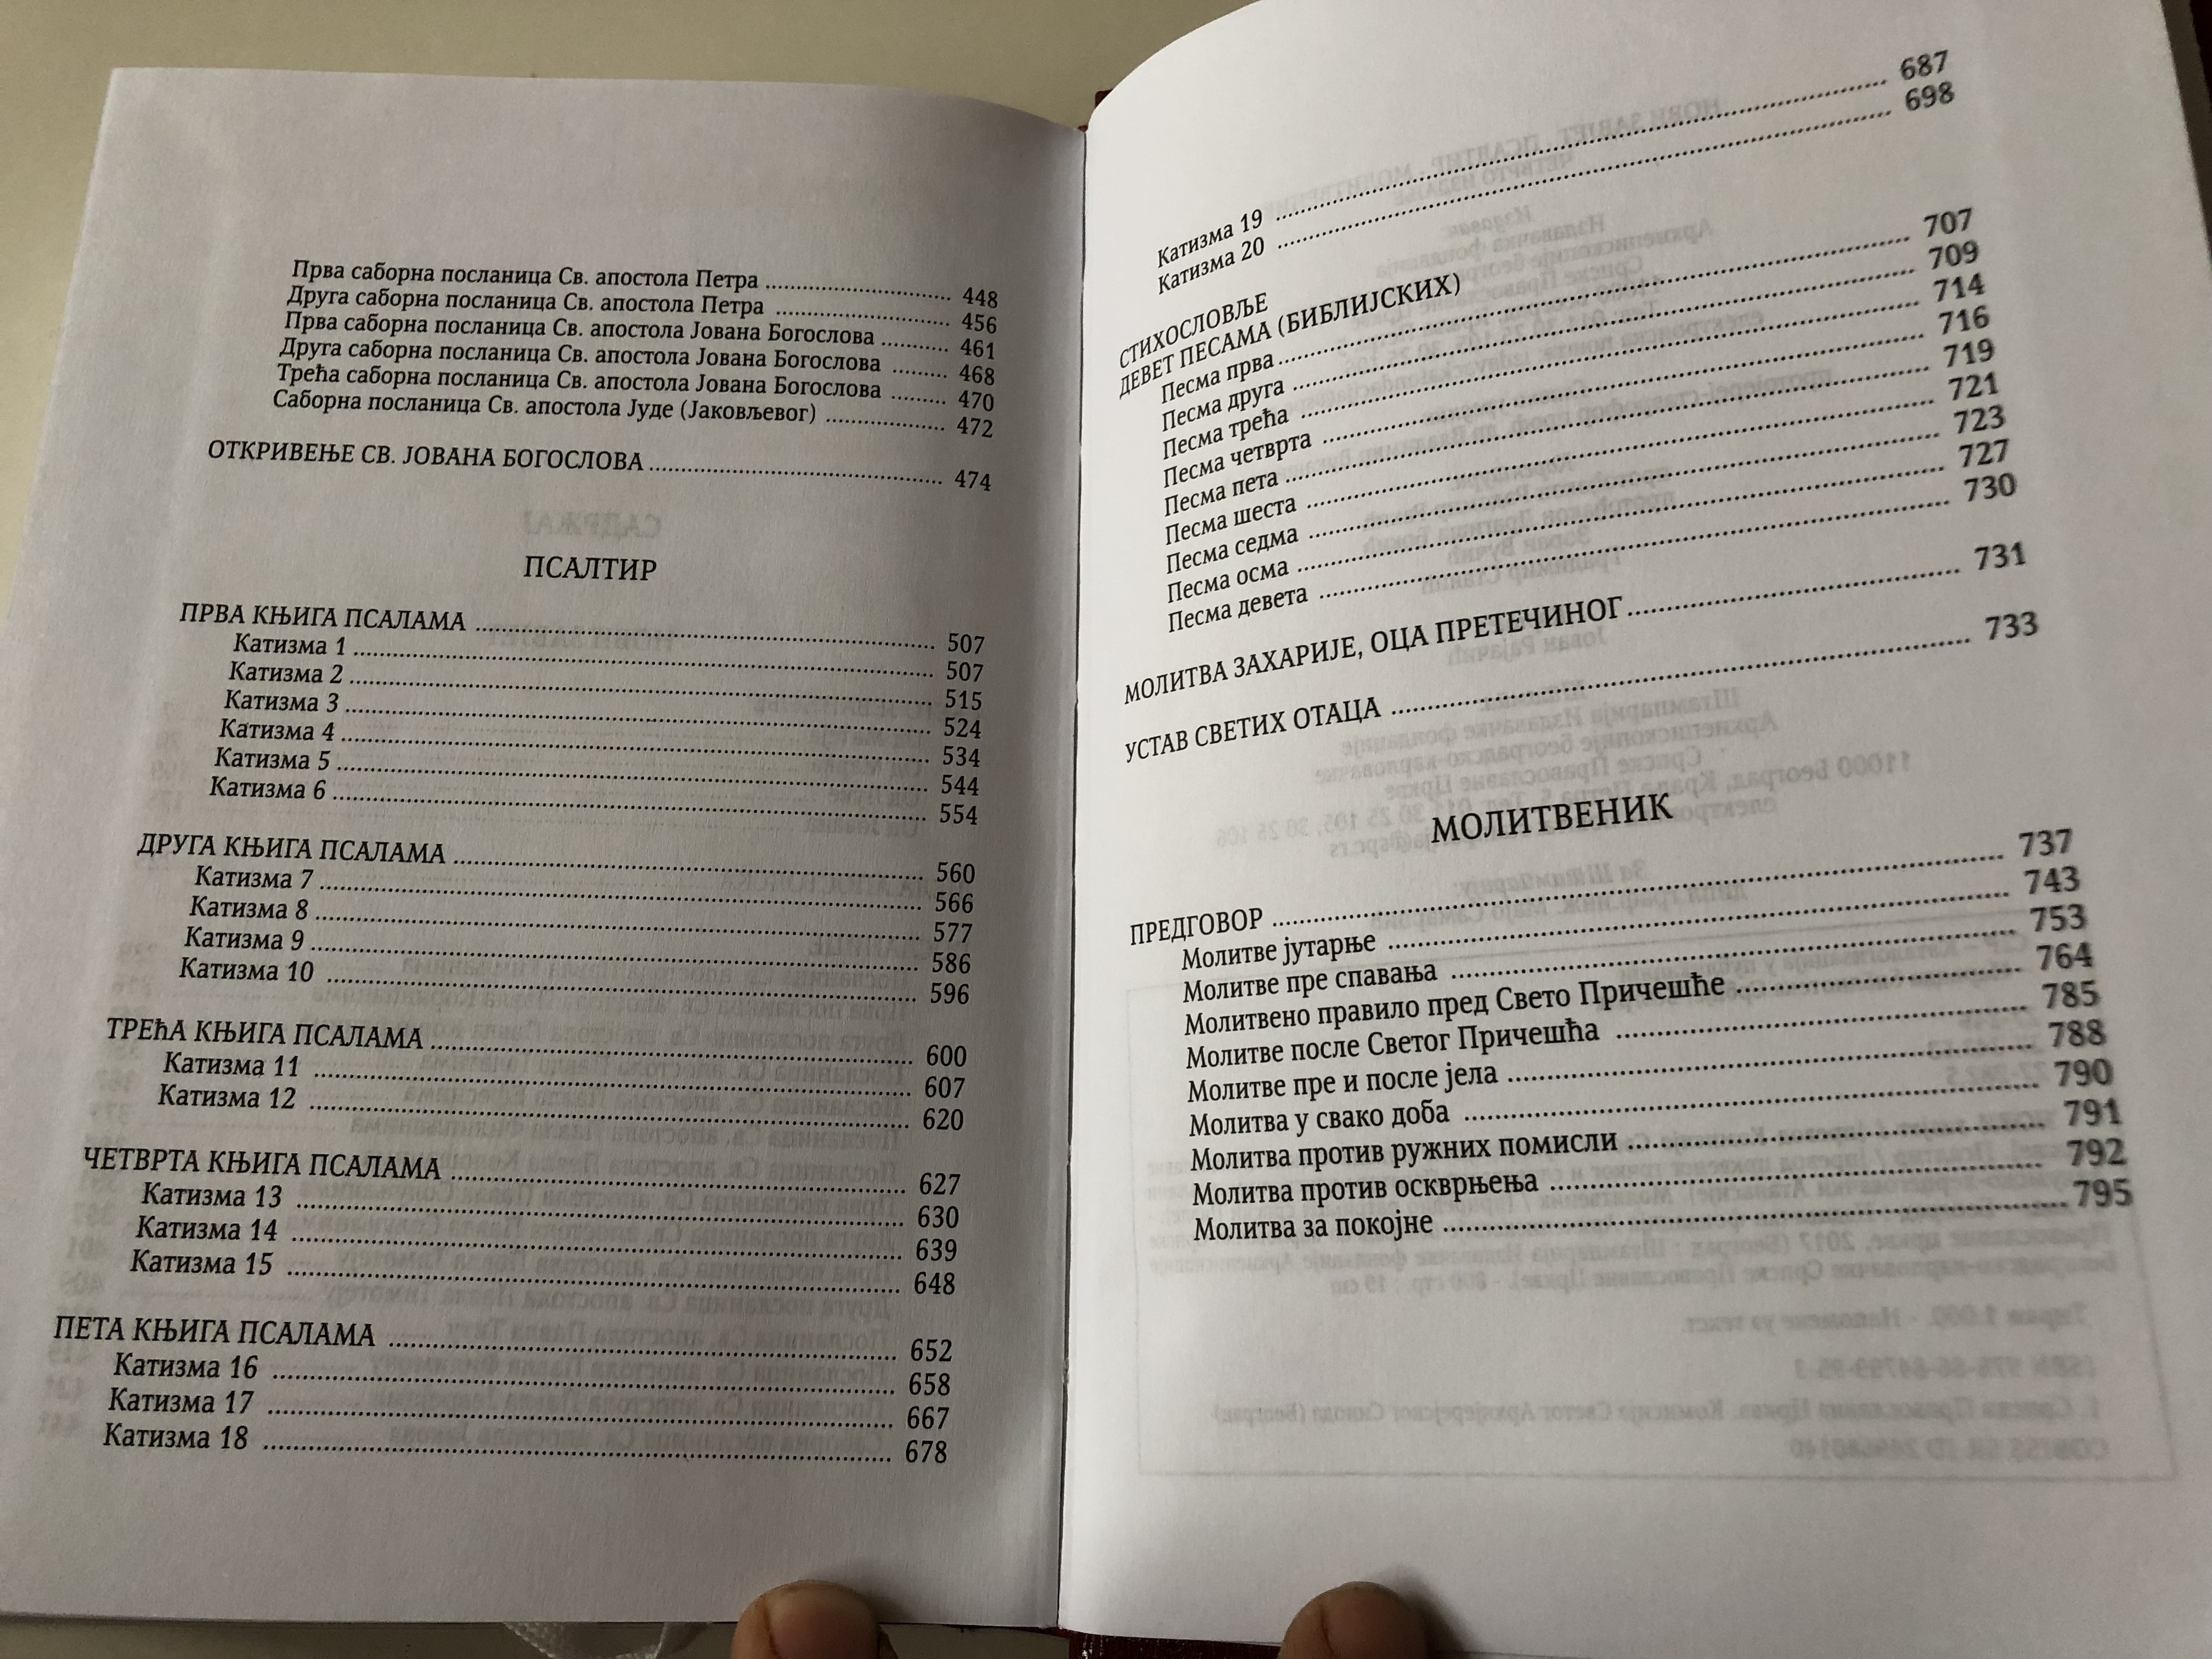 serbian-new-testament-and-psalms-and-malitvenik-15-.jpg